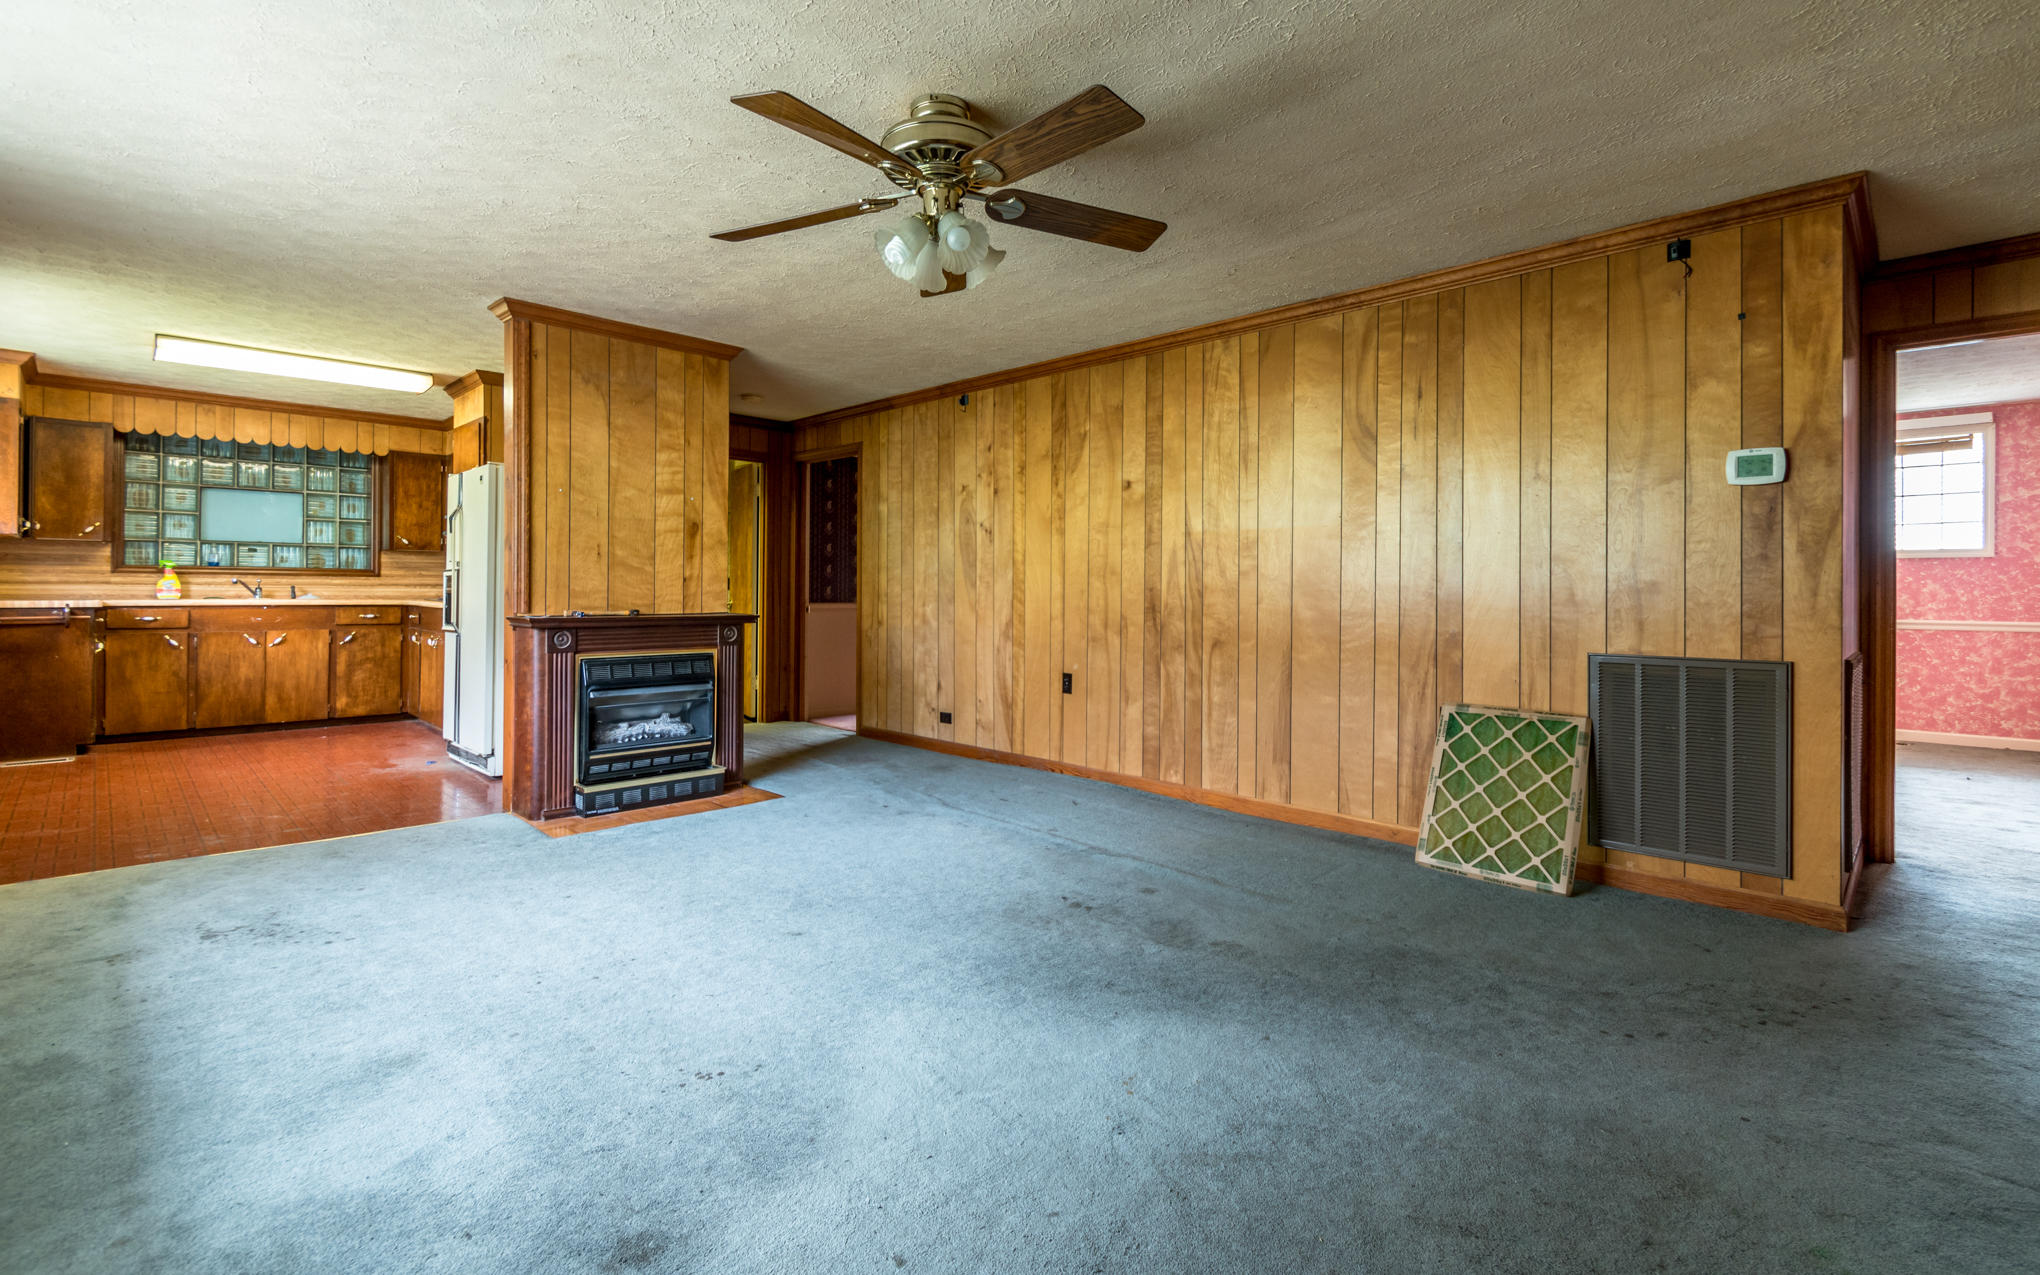 2126 Burning Bush Rd, Ringgold, GA 30736